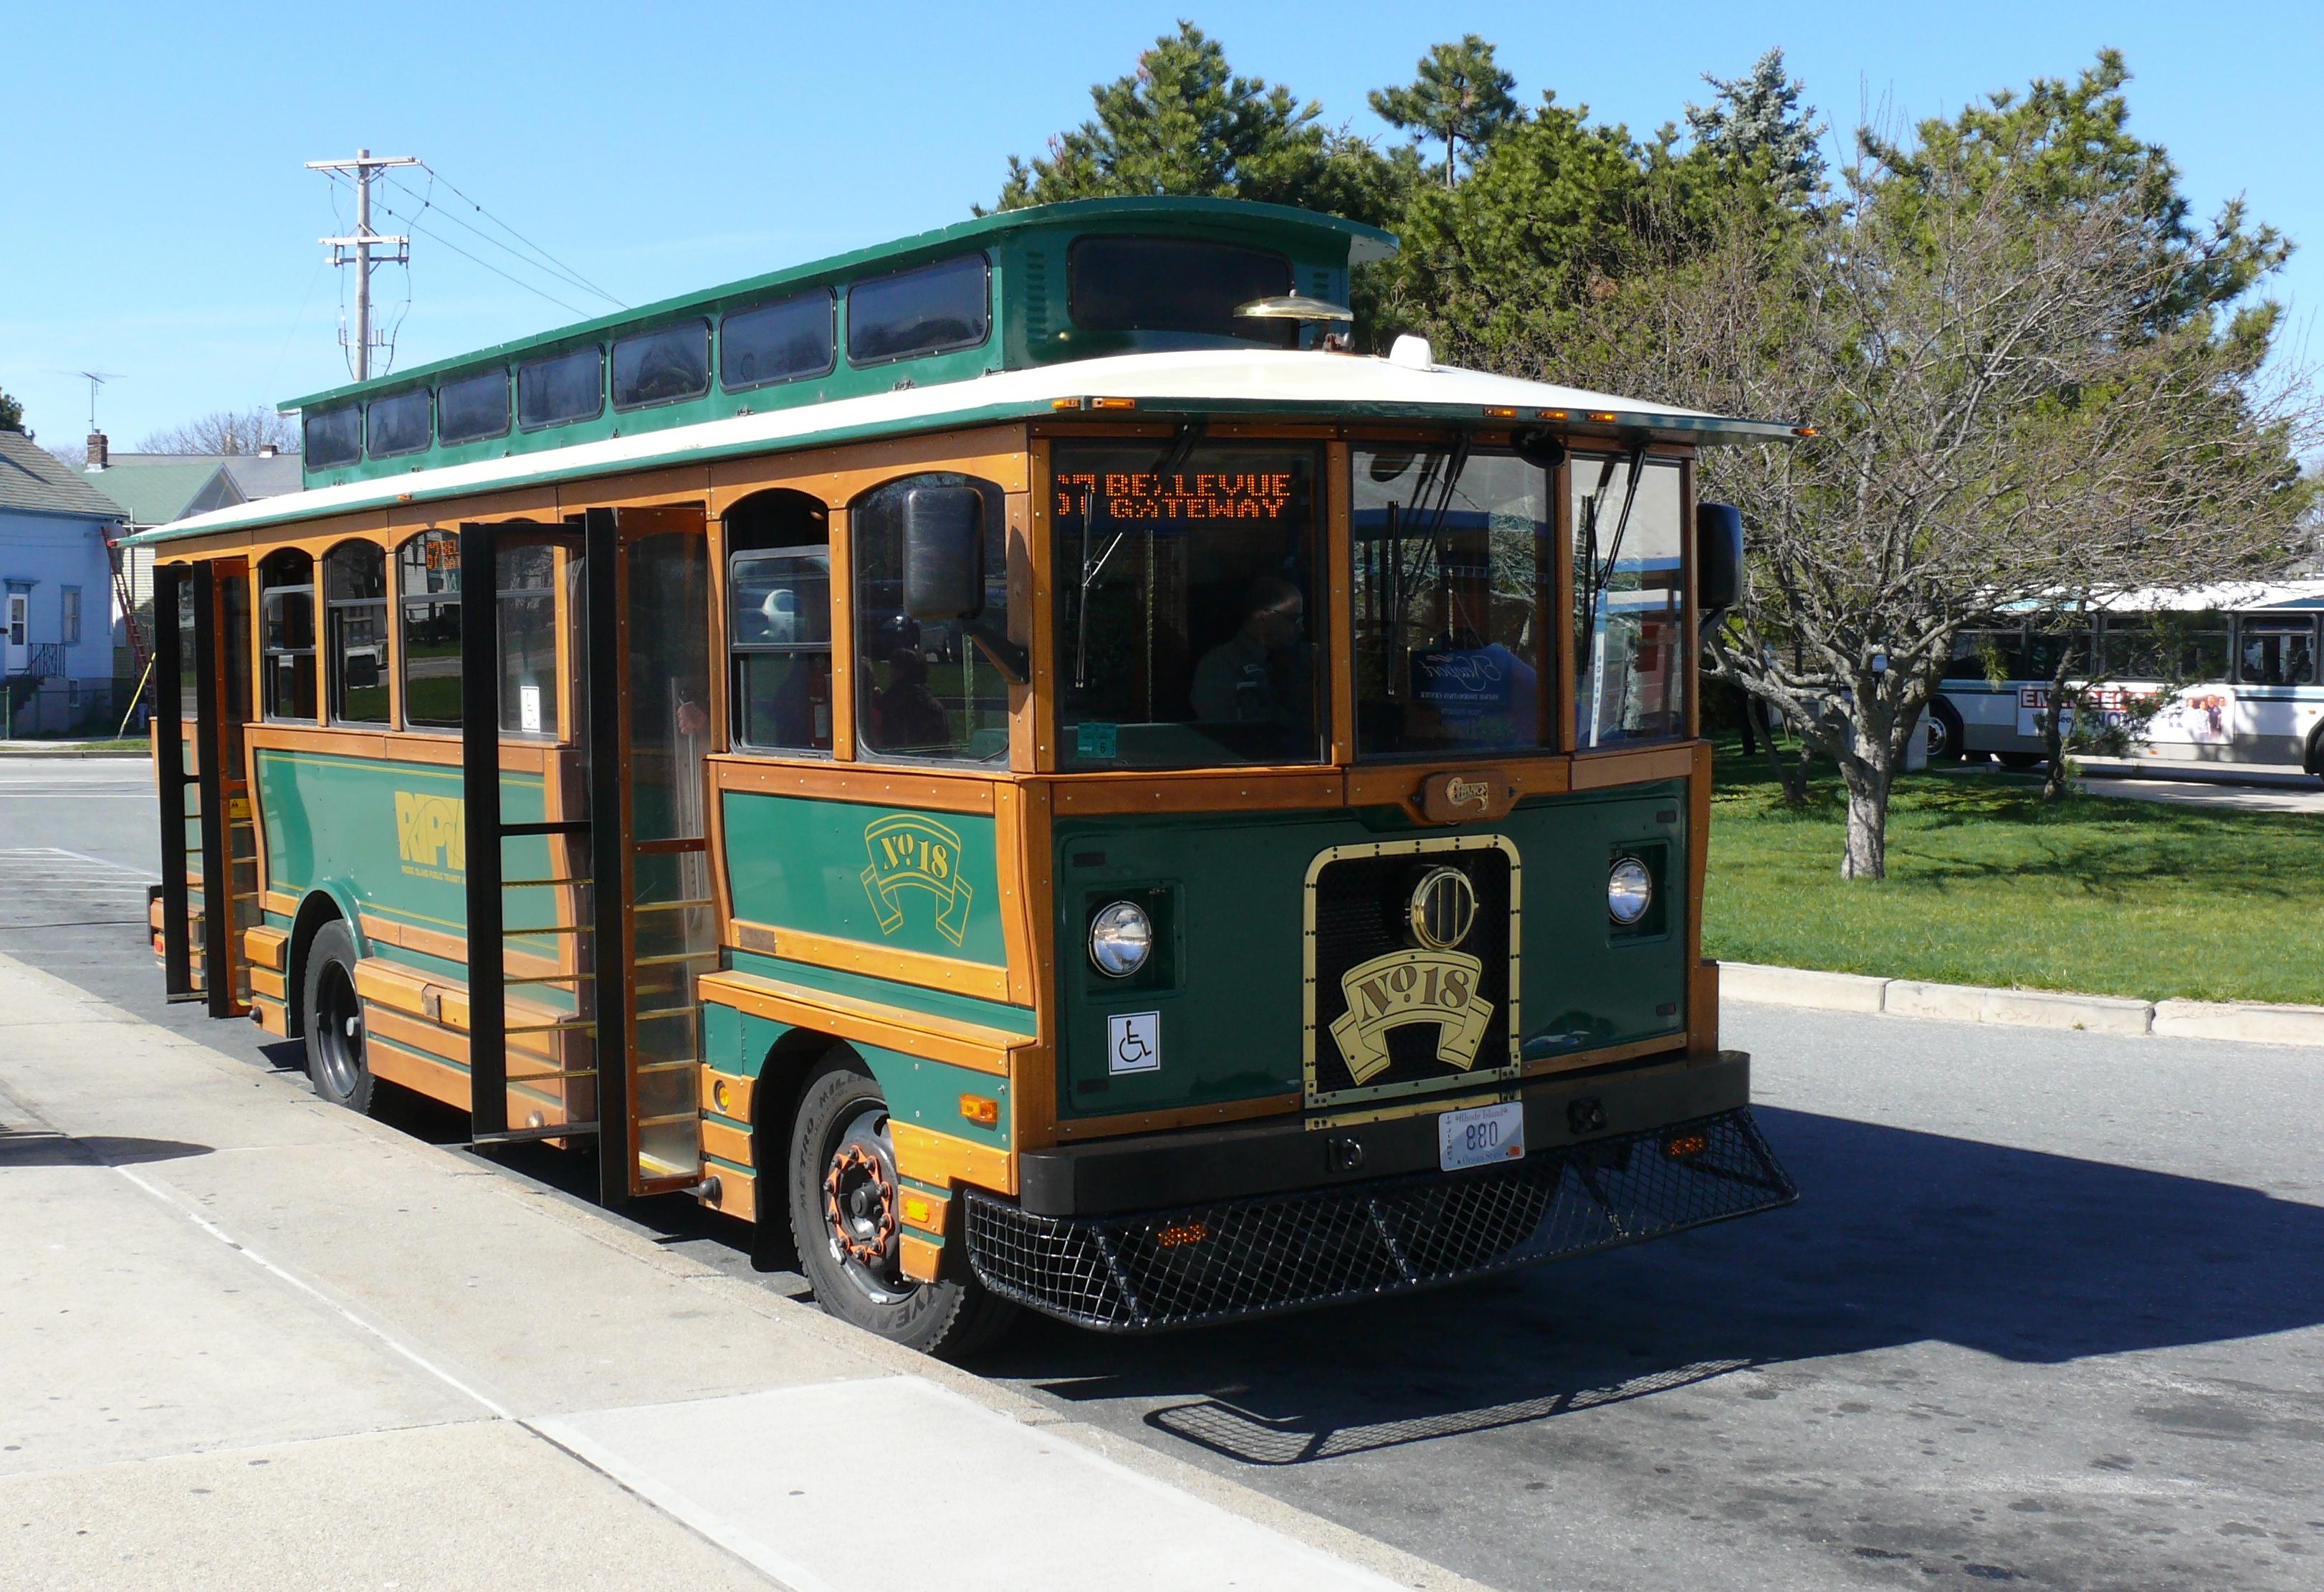 File:Newport Bus.JPG